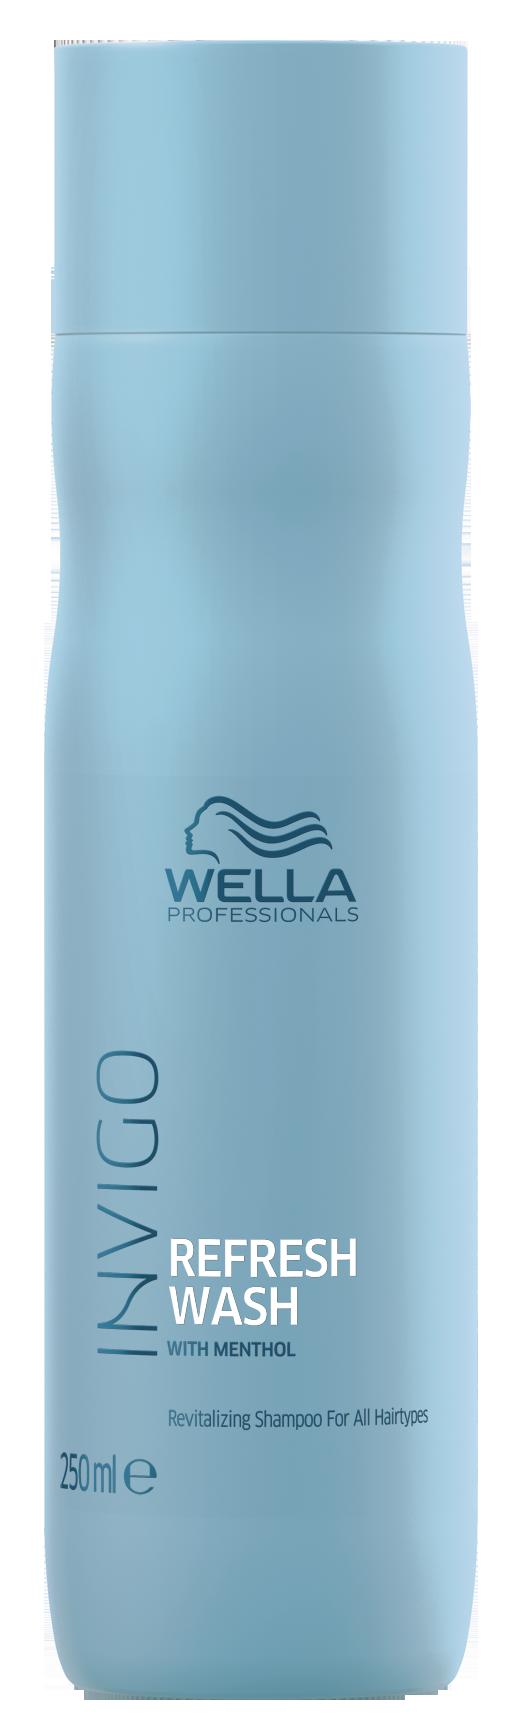 Купить WELLA PROFESSIONALS Шампунь оживляющий для всех типов волос / Balance 250 мл